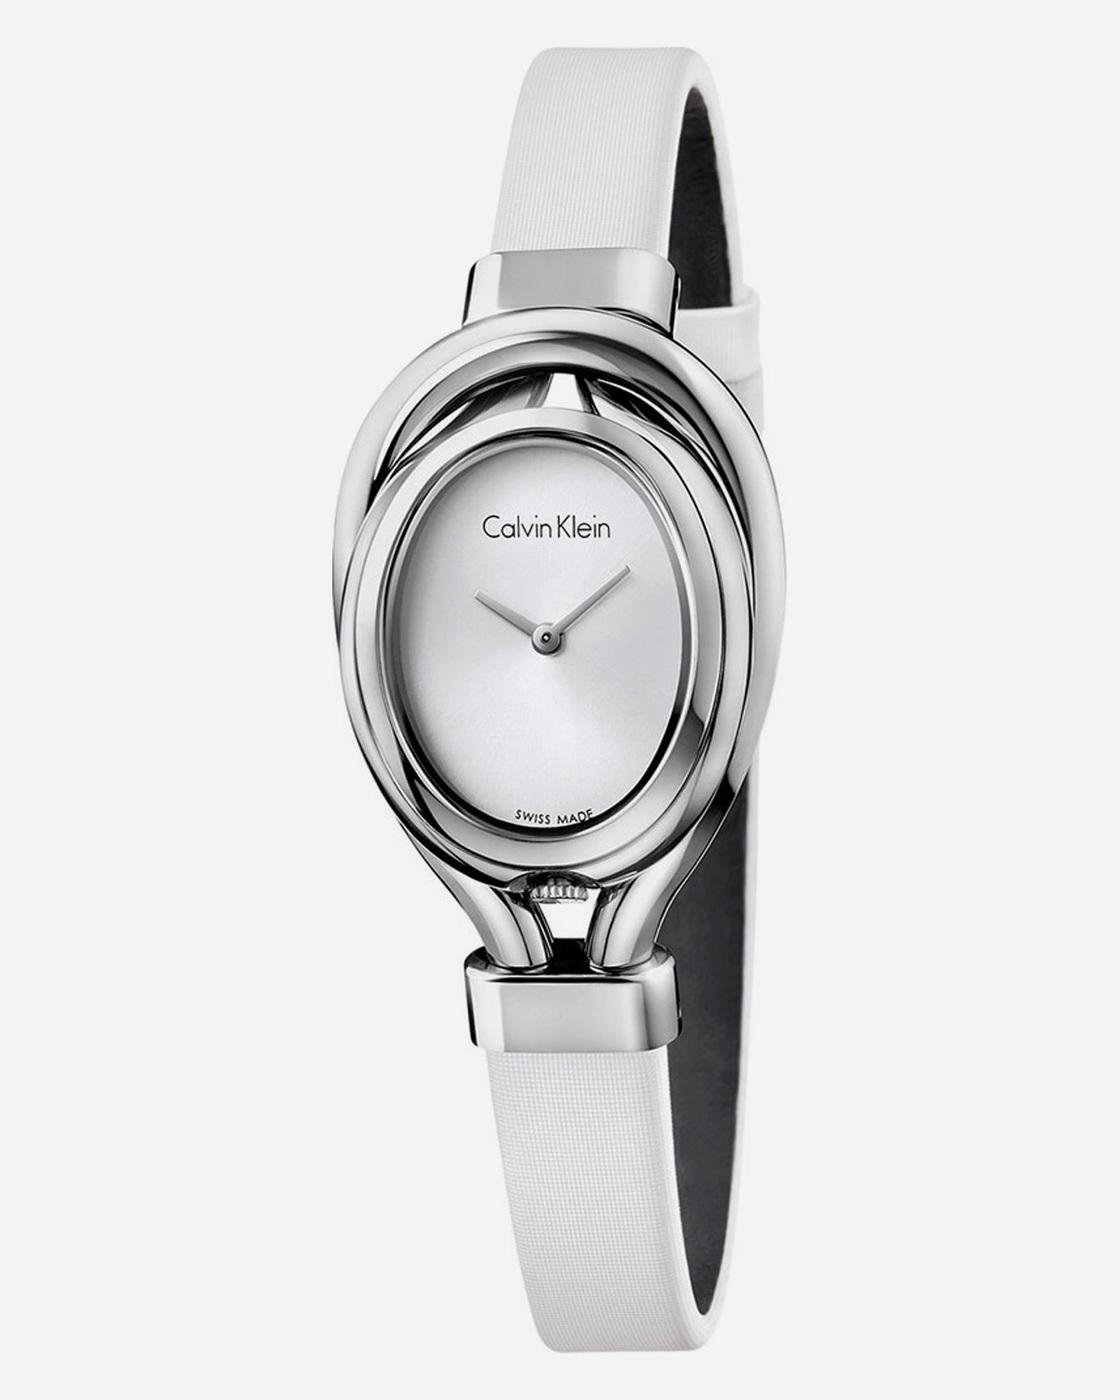 сейчас экстрасенсы часы женские наручные кельвин кляйн фото ликвидатор